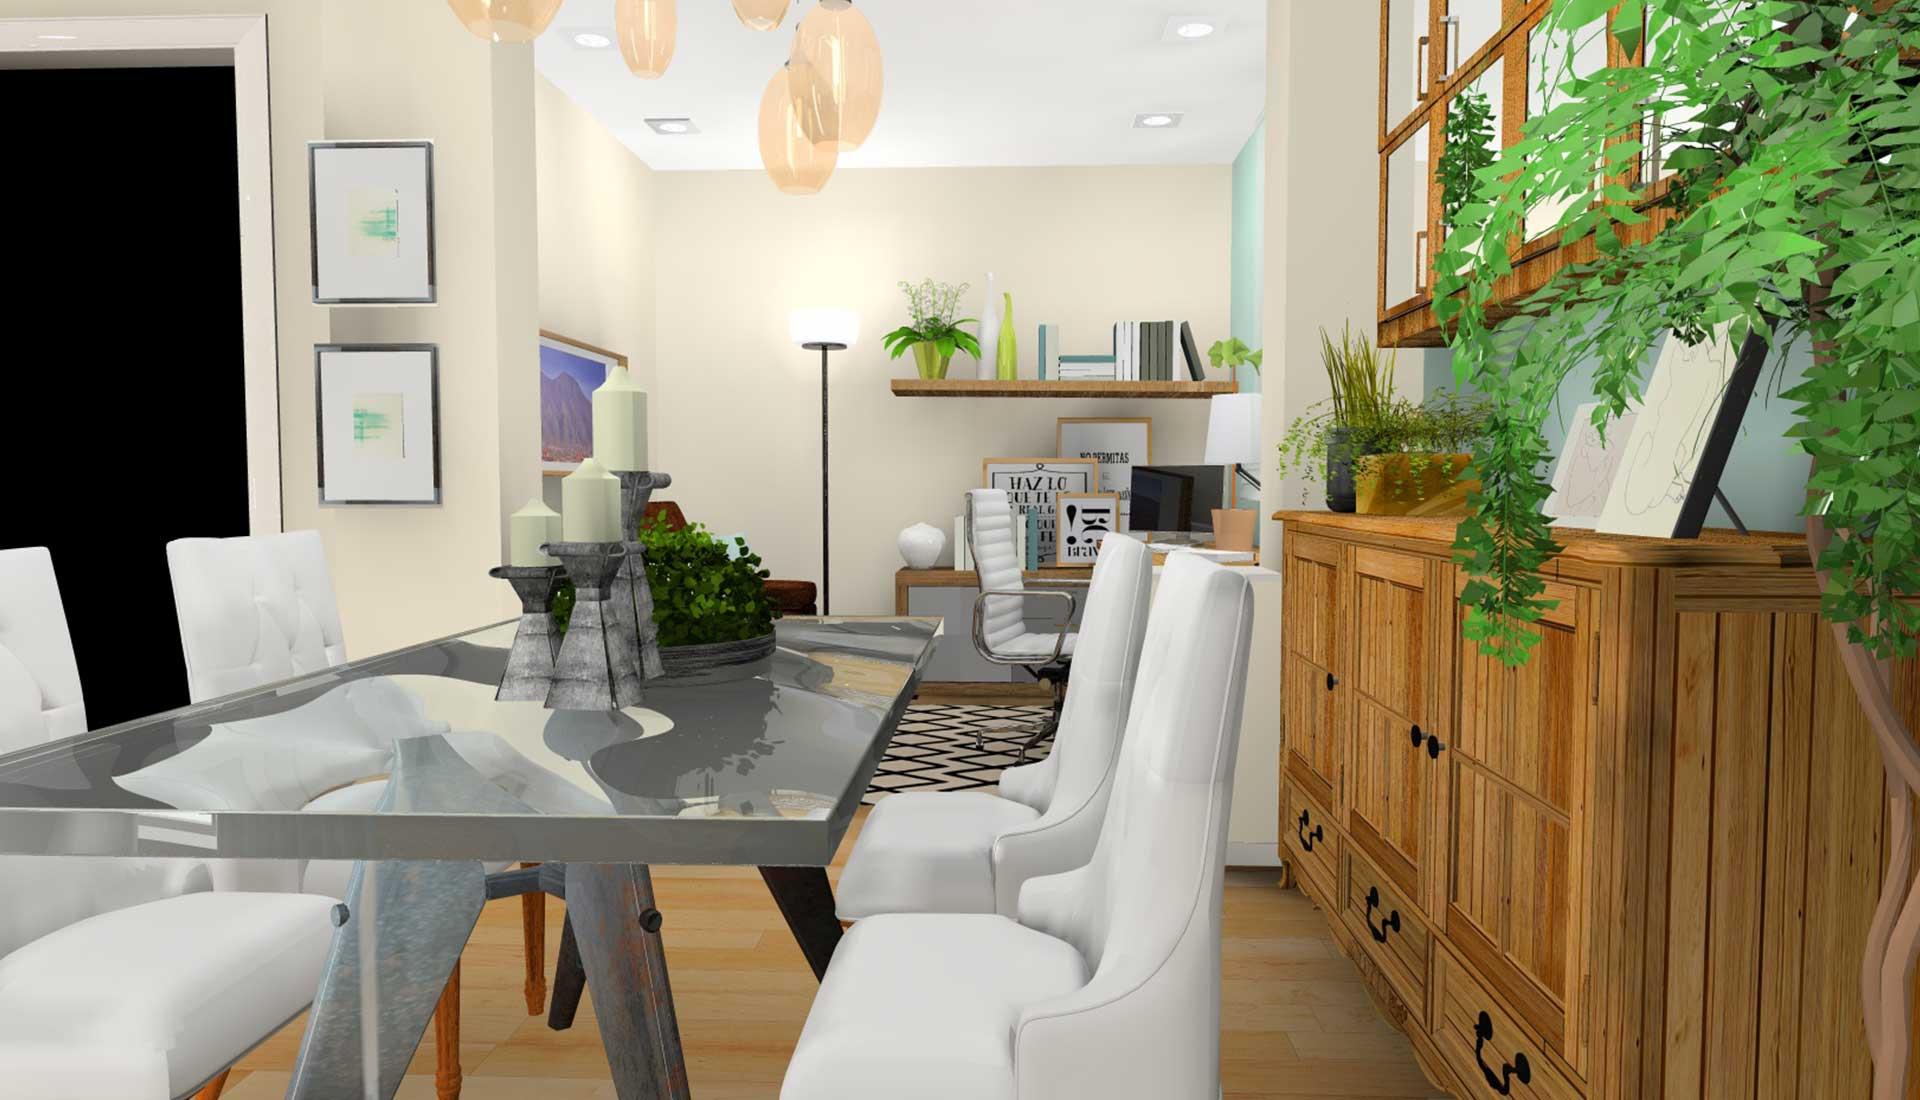 Decoracion de Interiores las tablas comedor